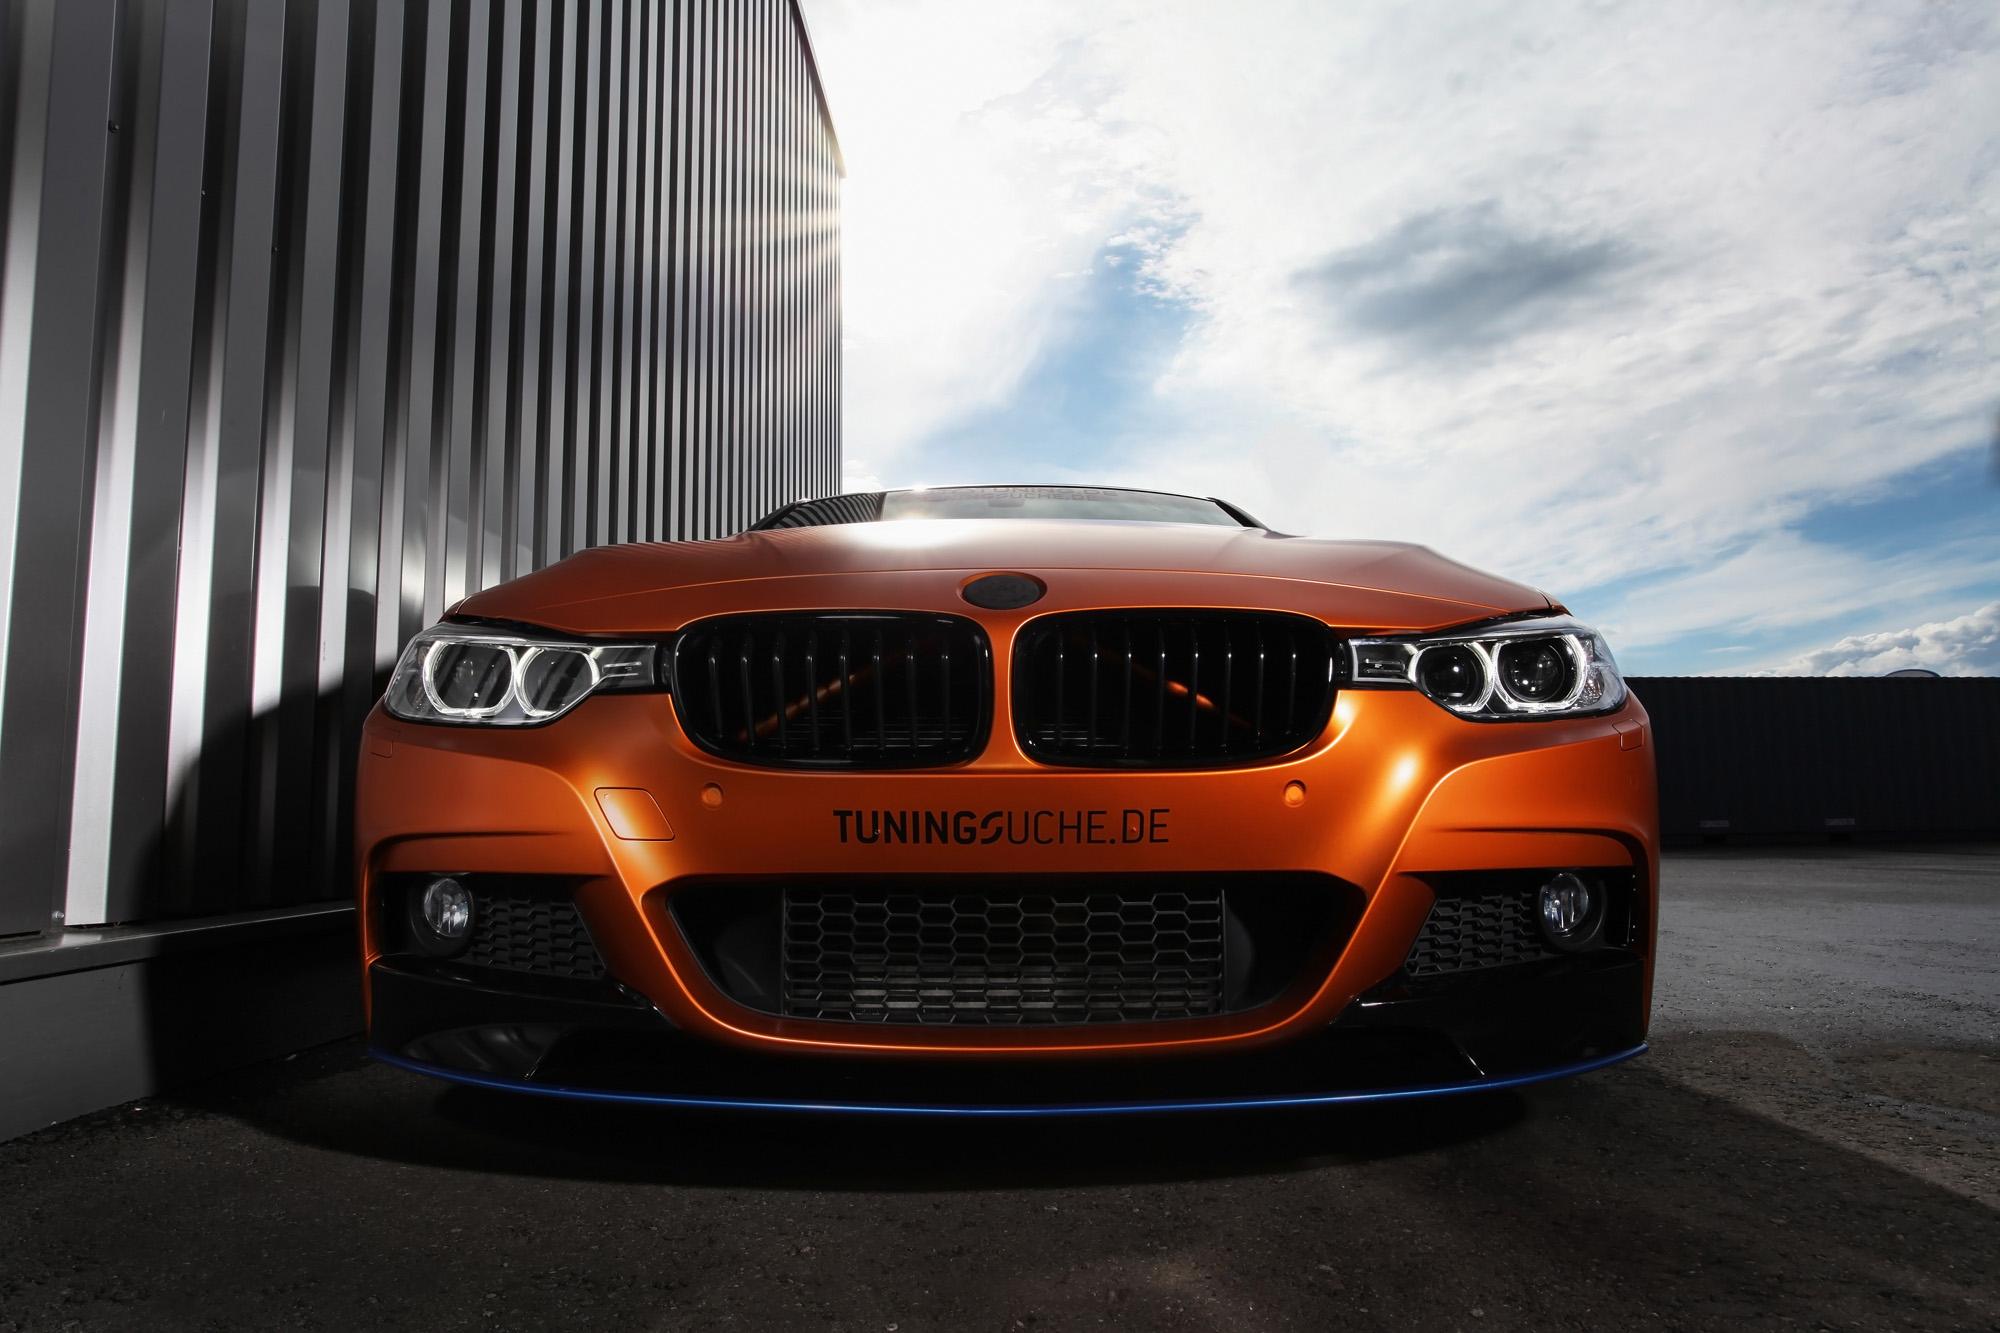 Der BMW 328i Touring bringt ab Werk schon große Bi-Xenon-Augen mit.